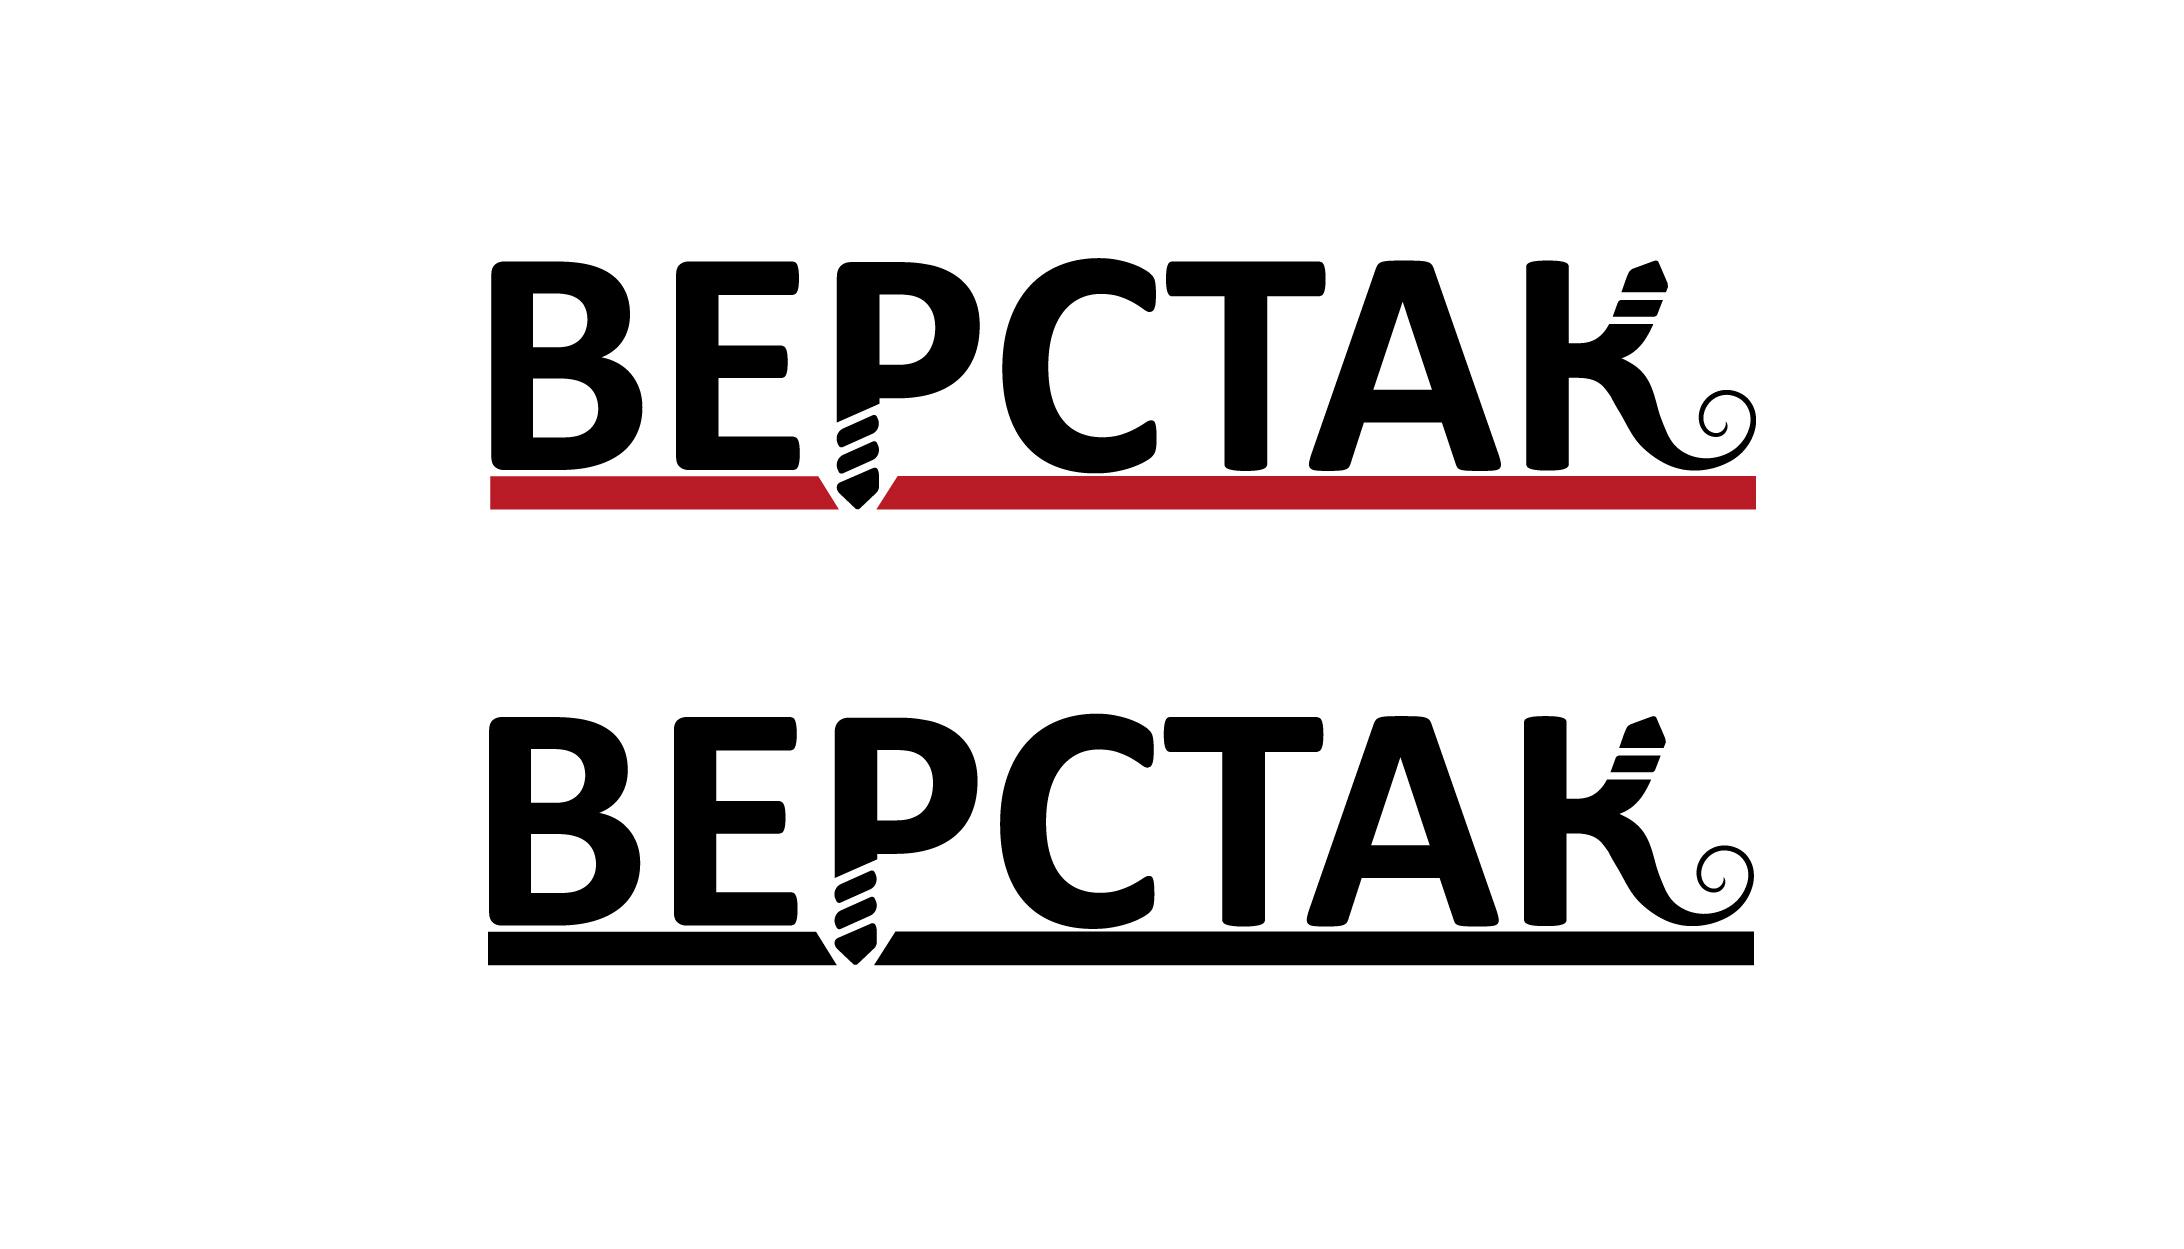 Логотип магазина бензо, электро, ручного инструмента фото f_1385a109925ab63d.jpg